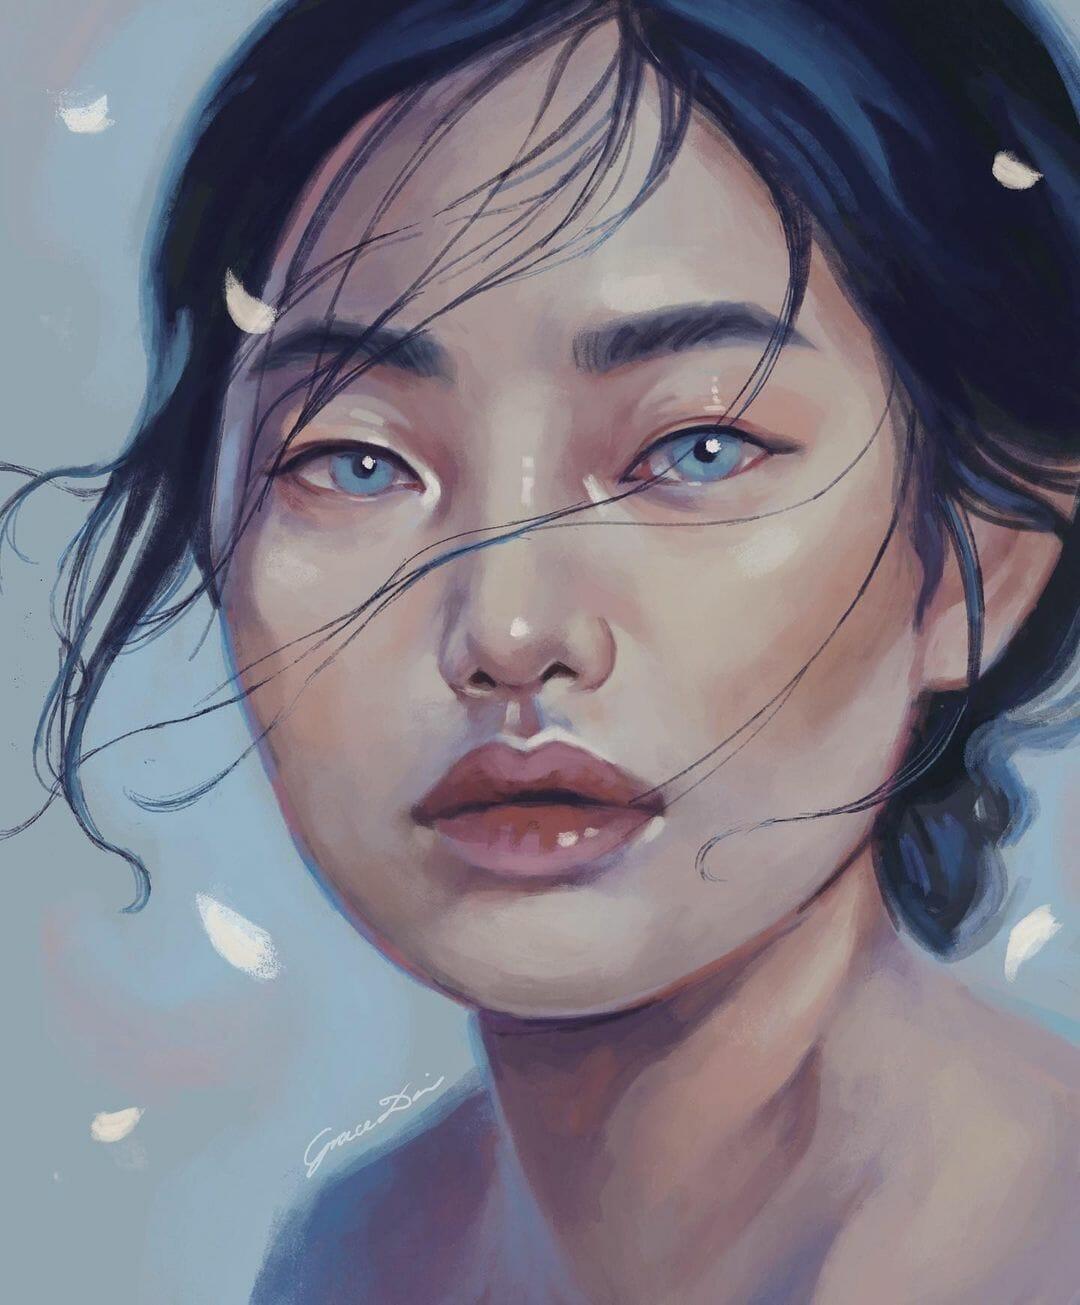 Portrait d'une femme, cheveux noirs, yeux bleus, lèvres pulpeuses. Des pétales de fleurs flottent.